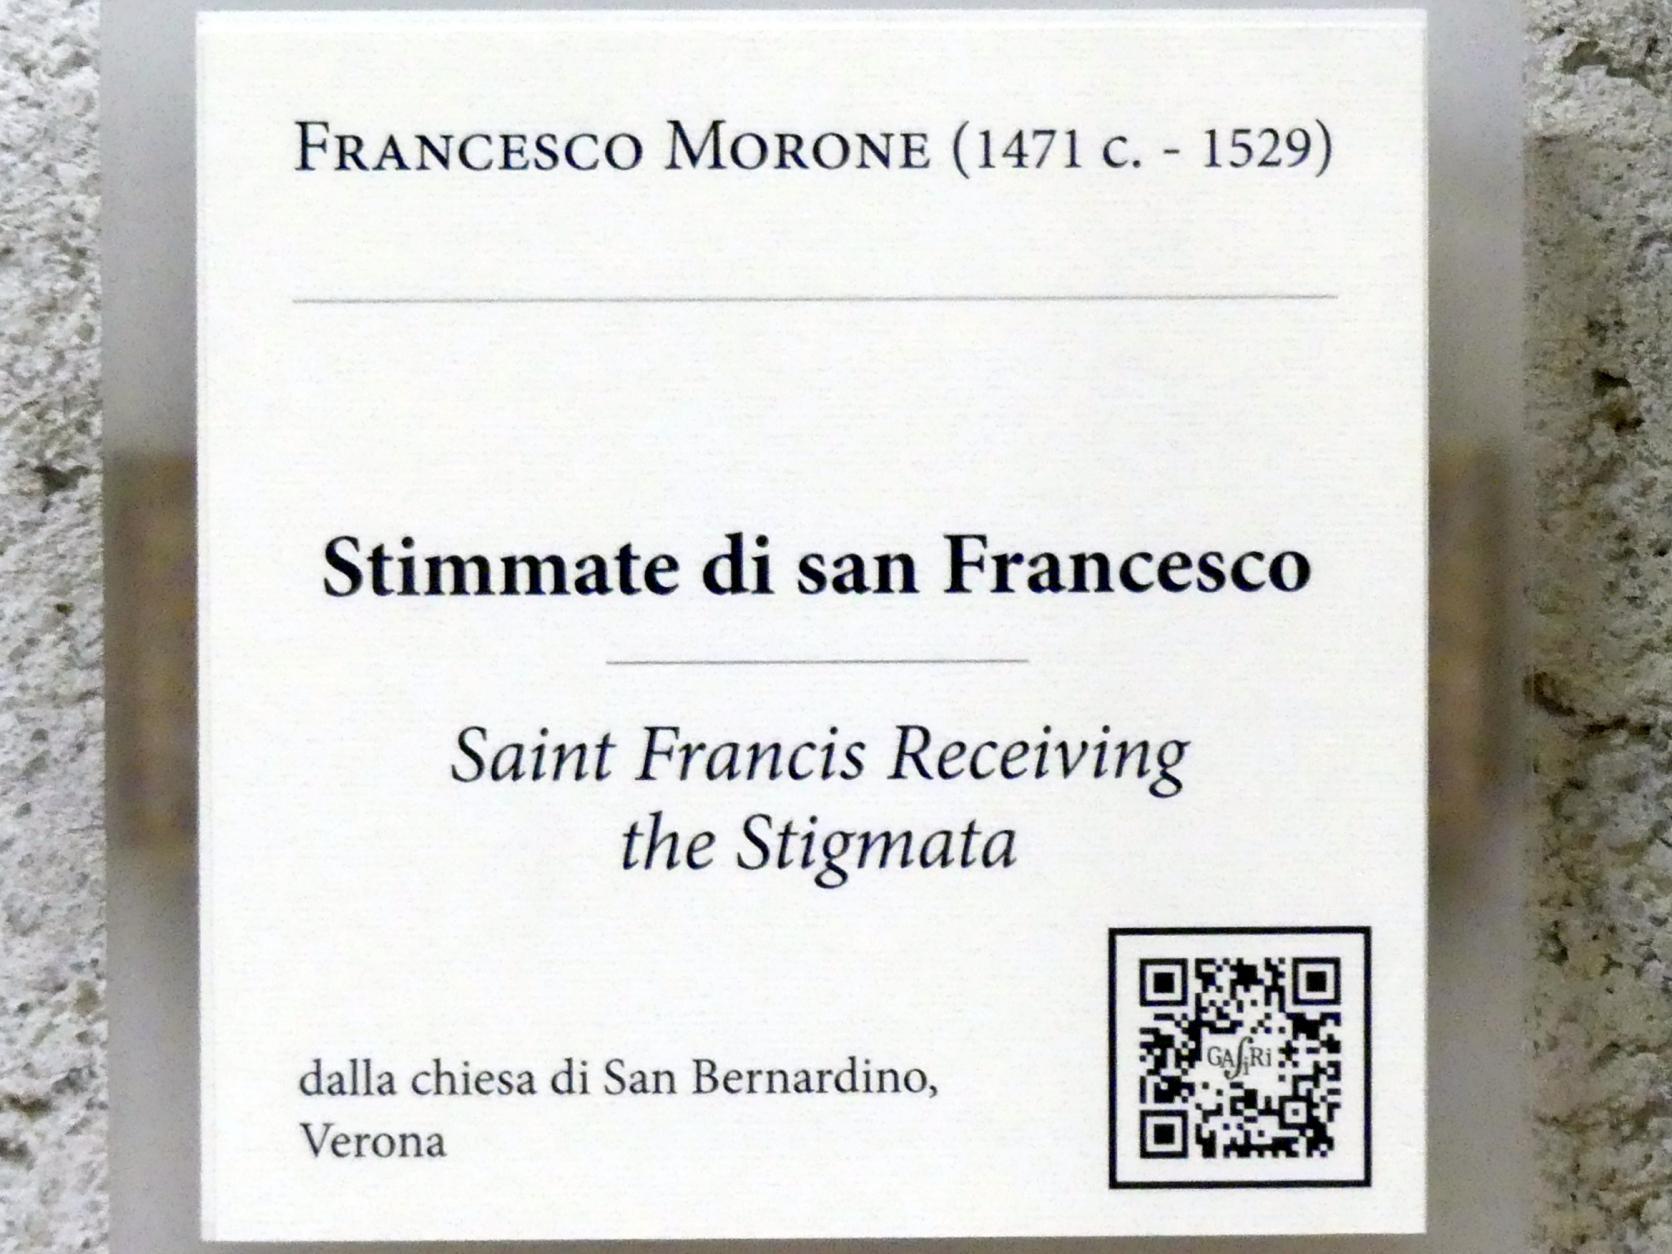 Francesco Morone: Der Heilige Franziskus empfängt die Stigmata, Undatiert, Bild 2/2